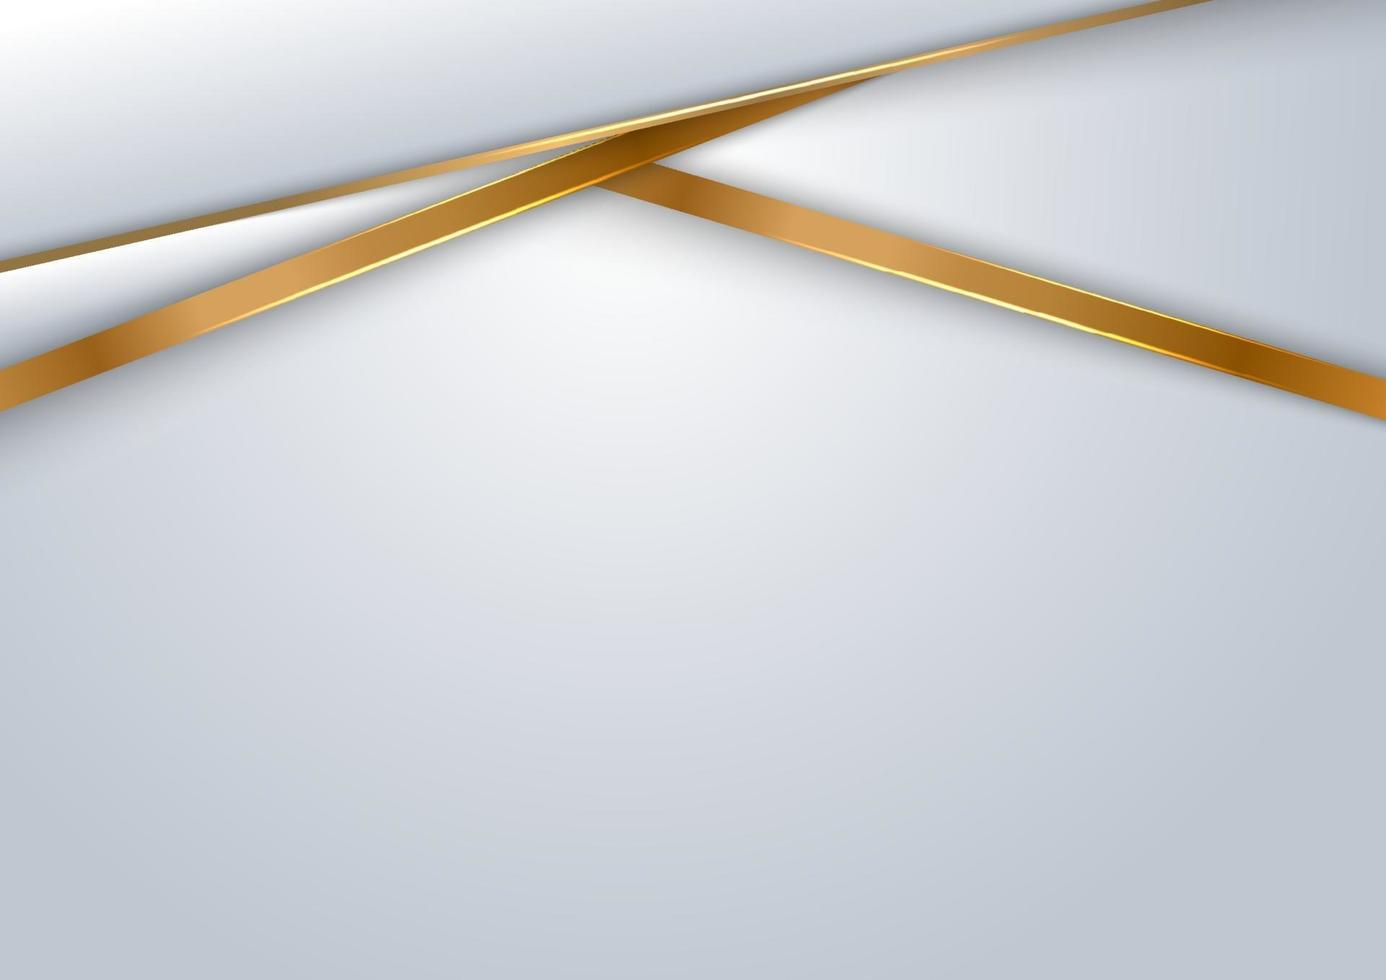 abstrakt mall design vit och grå bakgrund geometriska överlappande lager med gyllene linje lyxstil. vektor